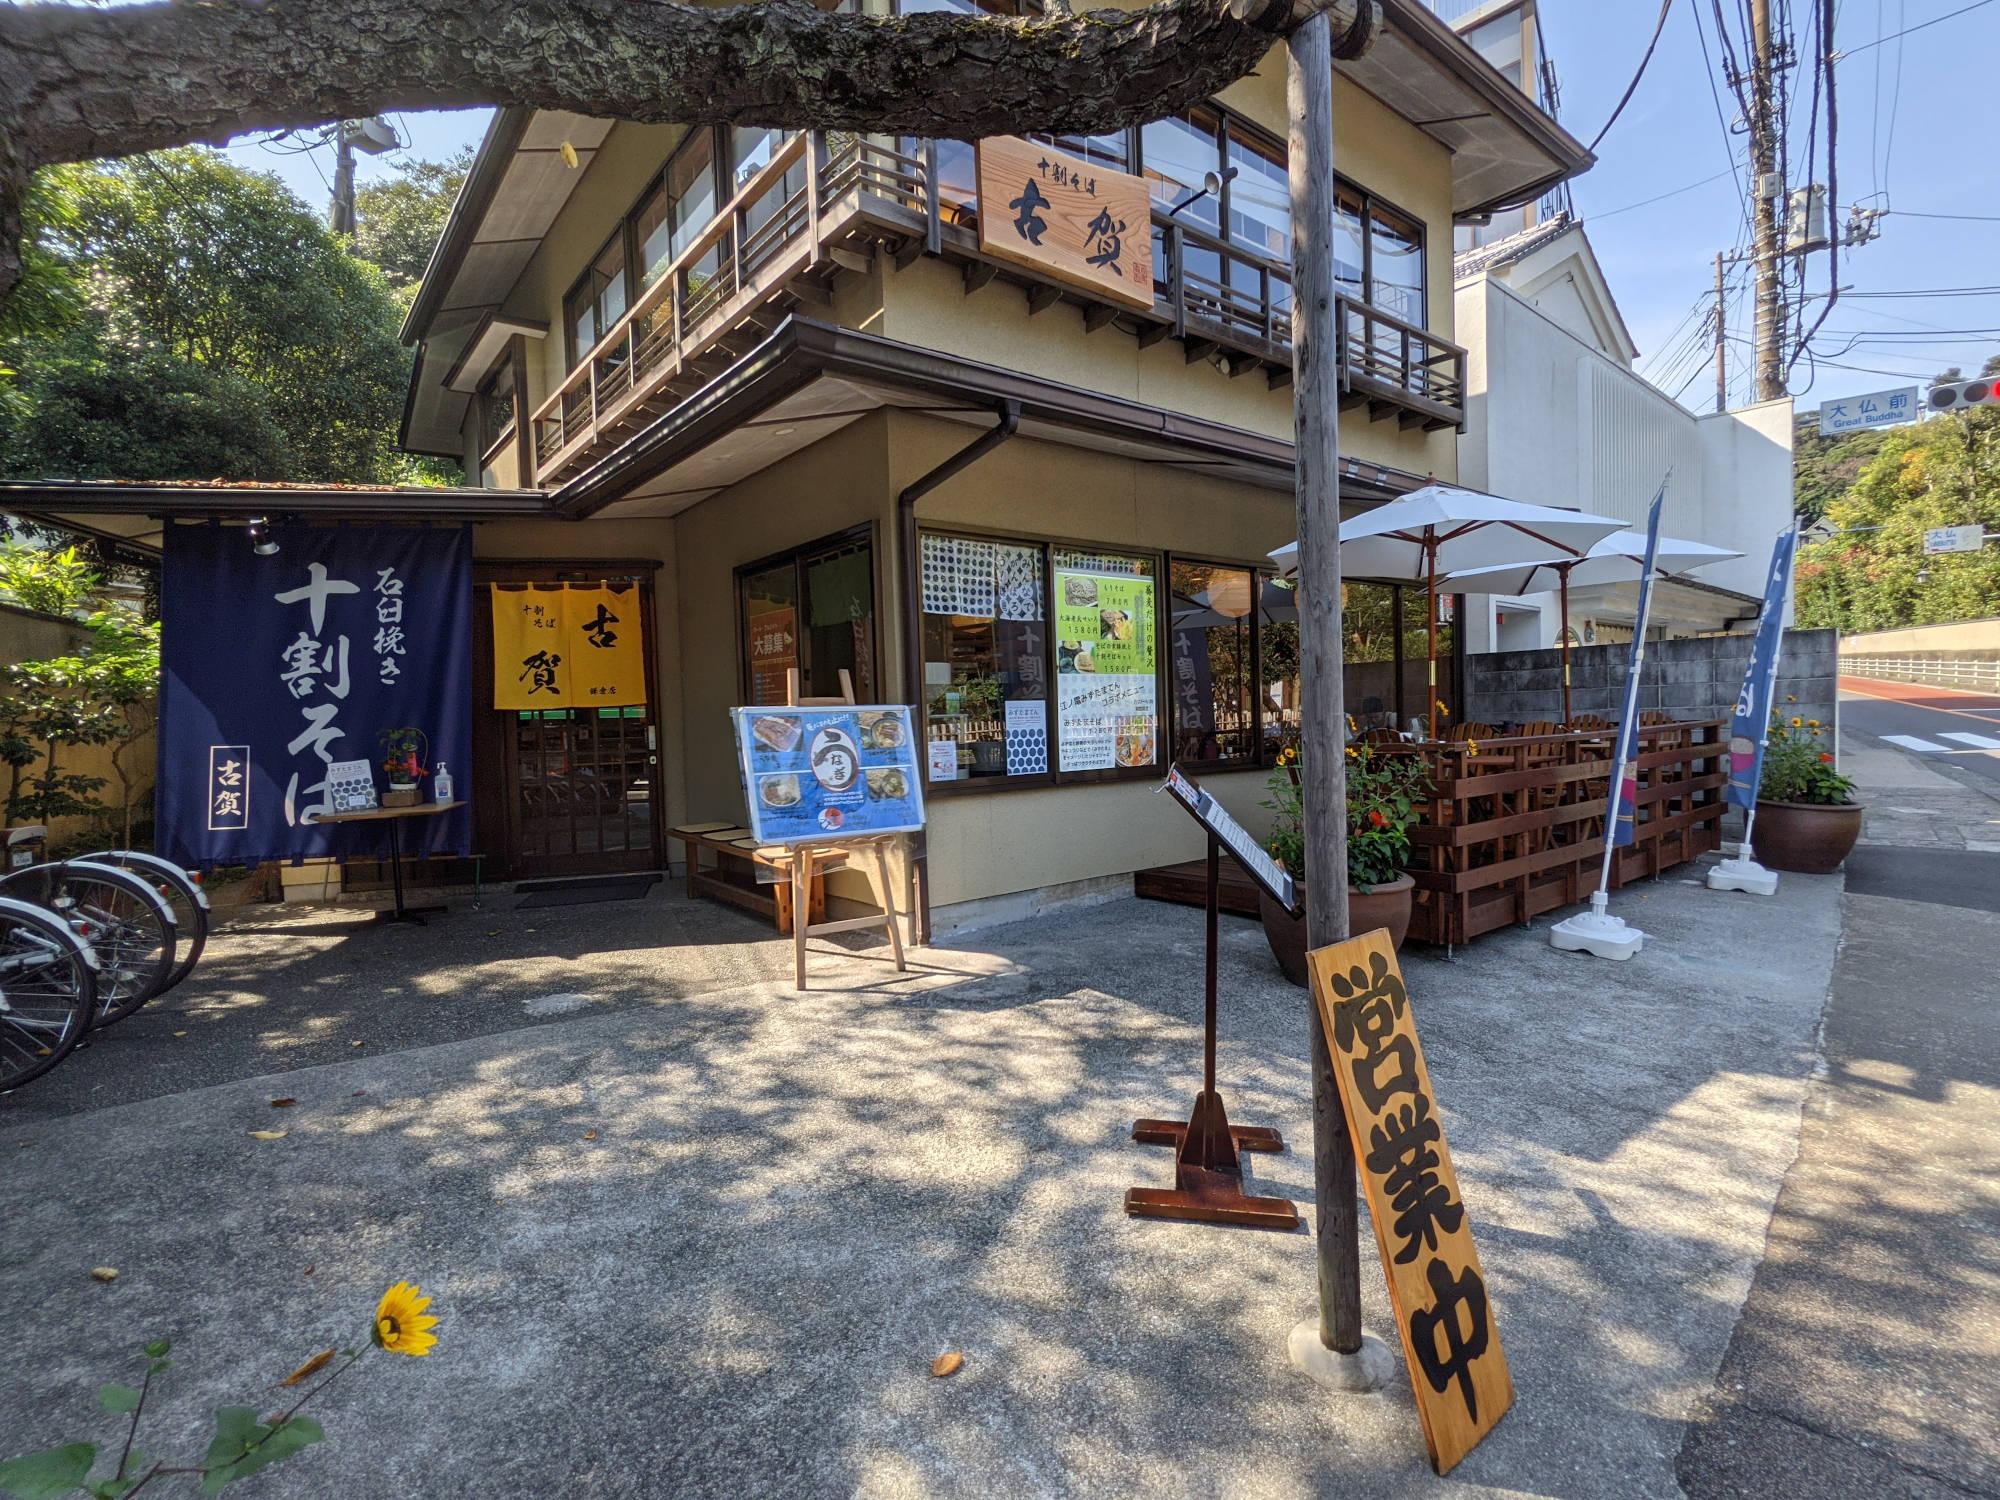 十割そば古賀 鎌倉店の外観